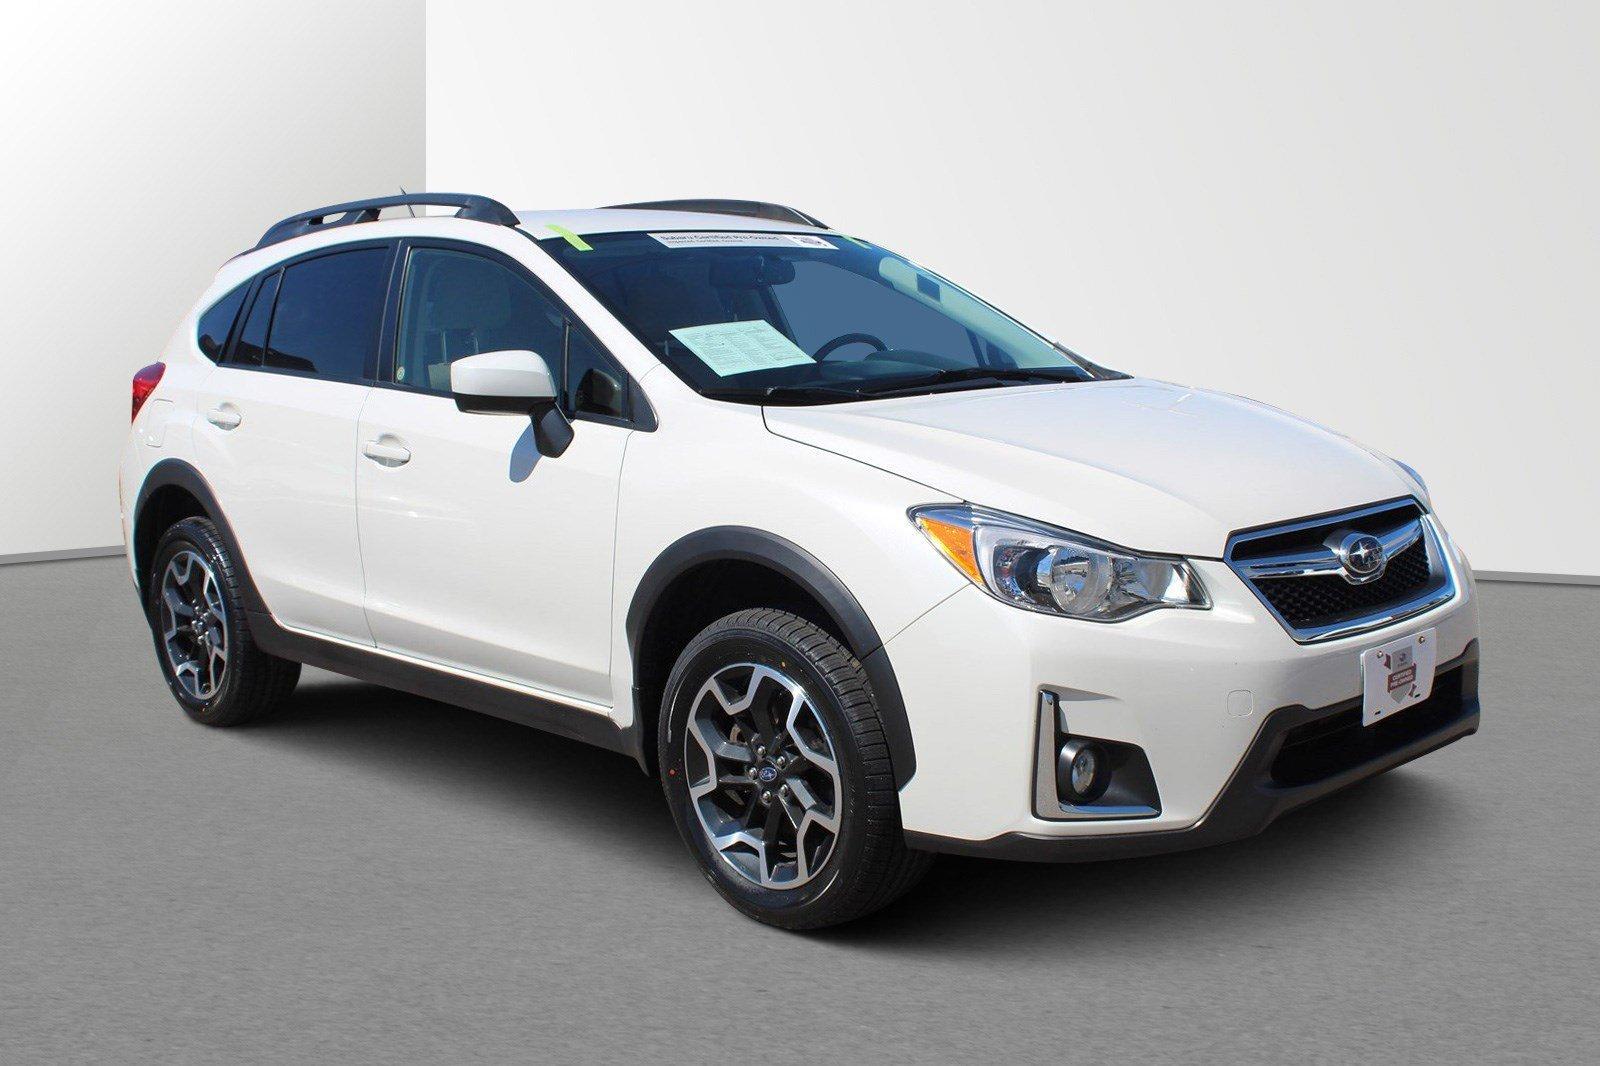 2016 Subaru Crosstrek Premium CVT 2.0i Premium